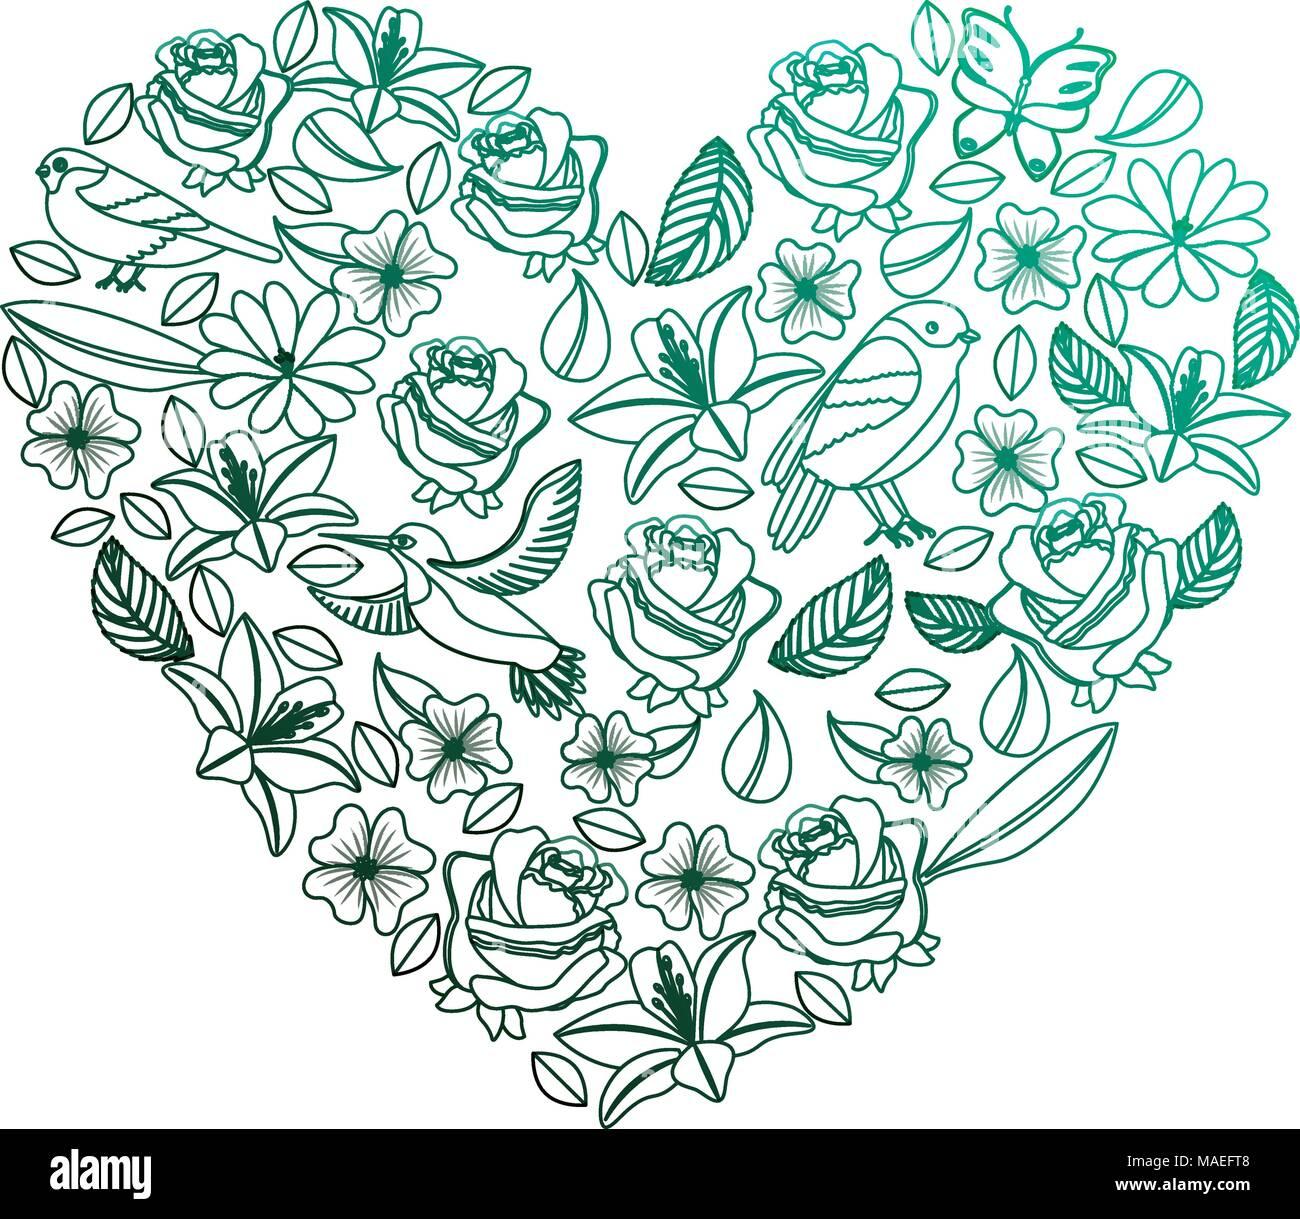 Motif coeur naturel avec fleurs et oiseaux papillons feuilles couleur vert dégradé d'illustration vectorielle Illustration de Vecteur